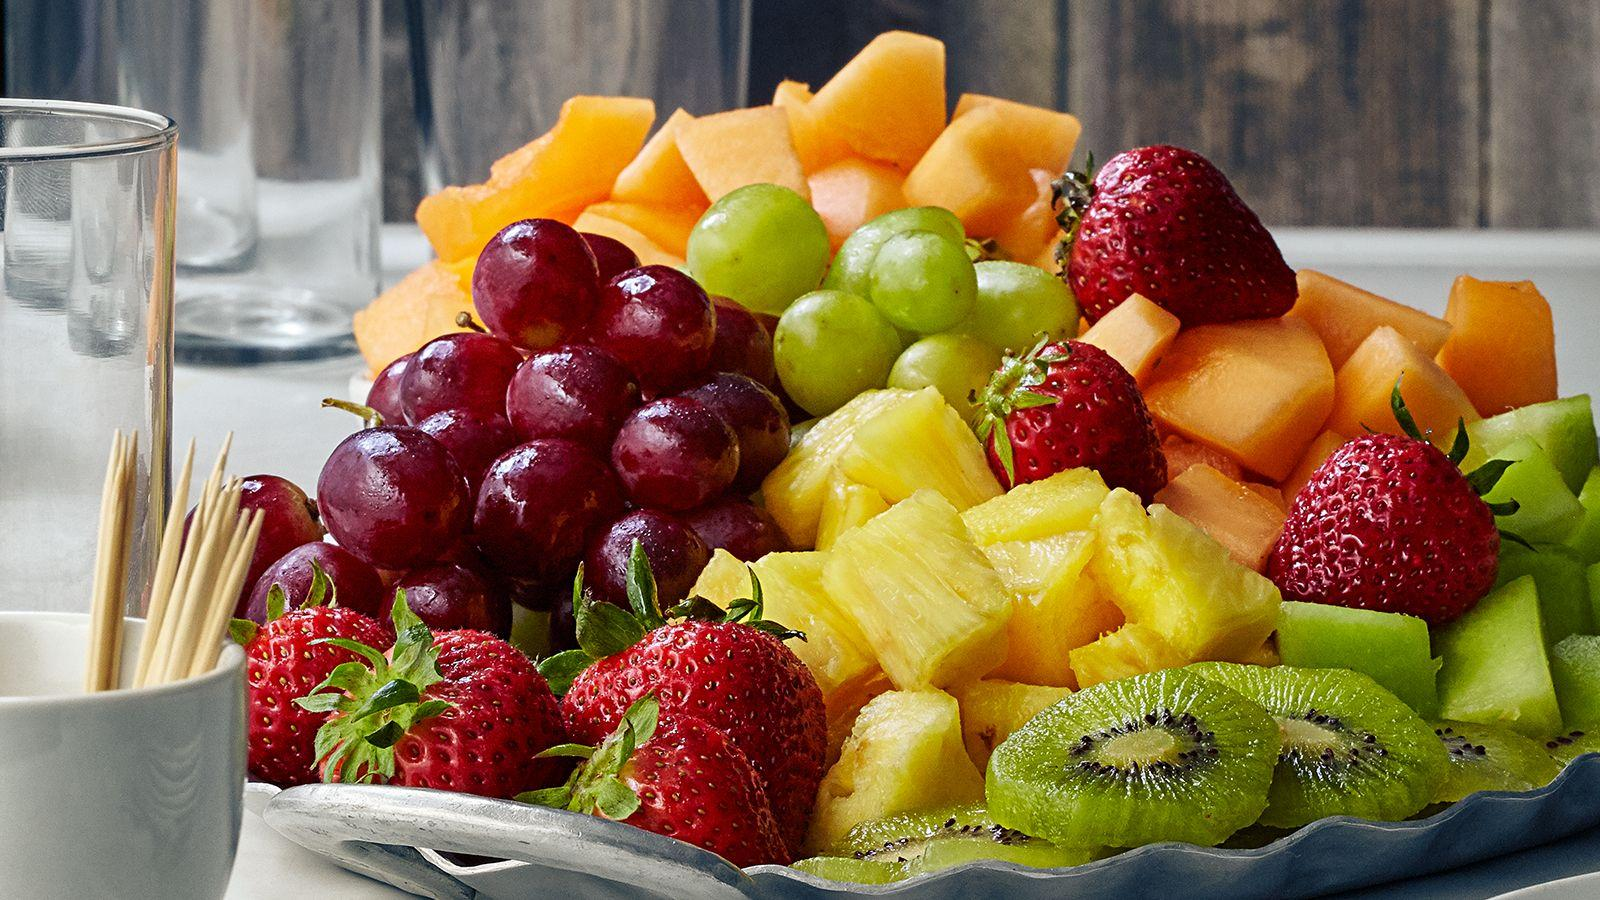 Для снижения риска рака груди посоветовали есть больше фруктов и овощей